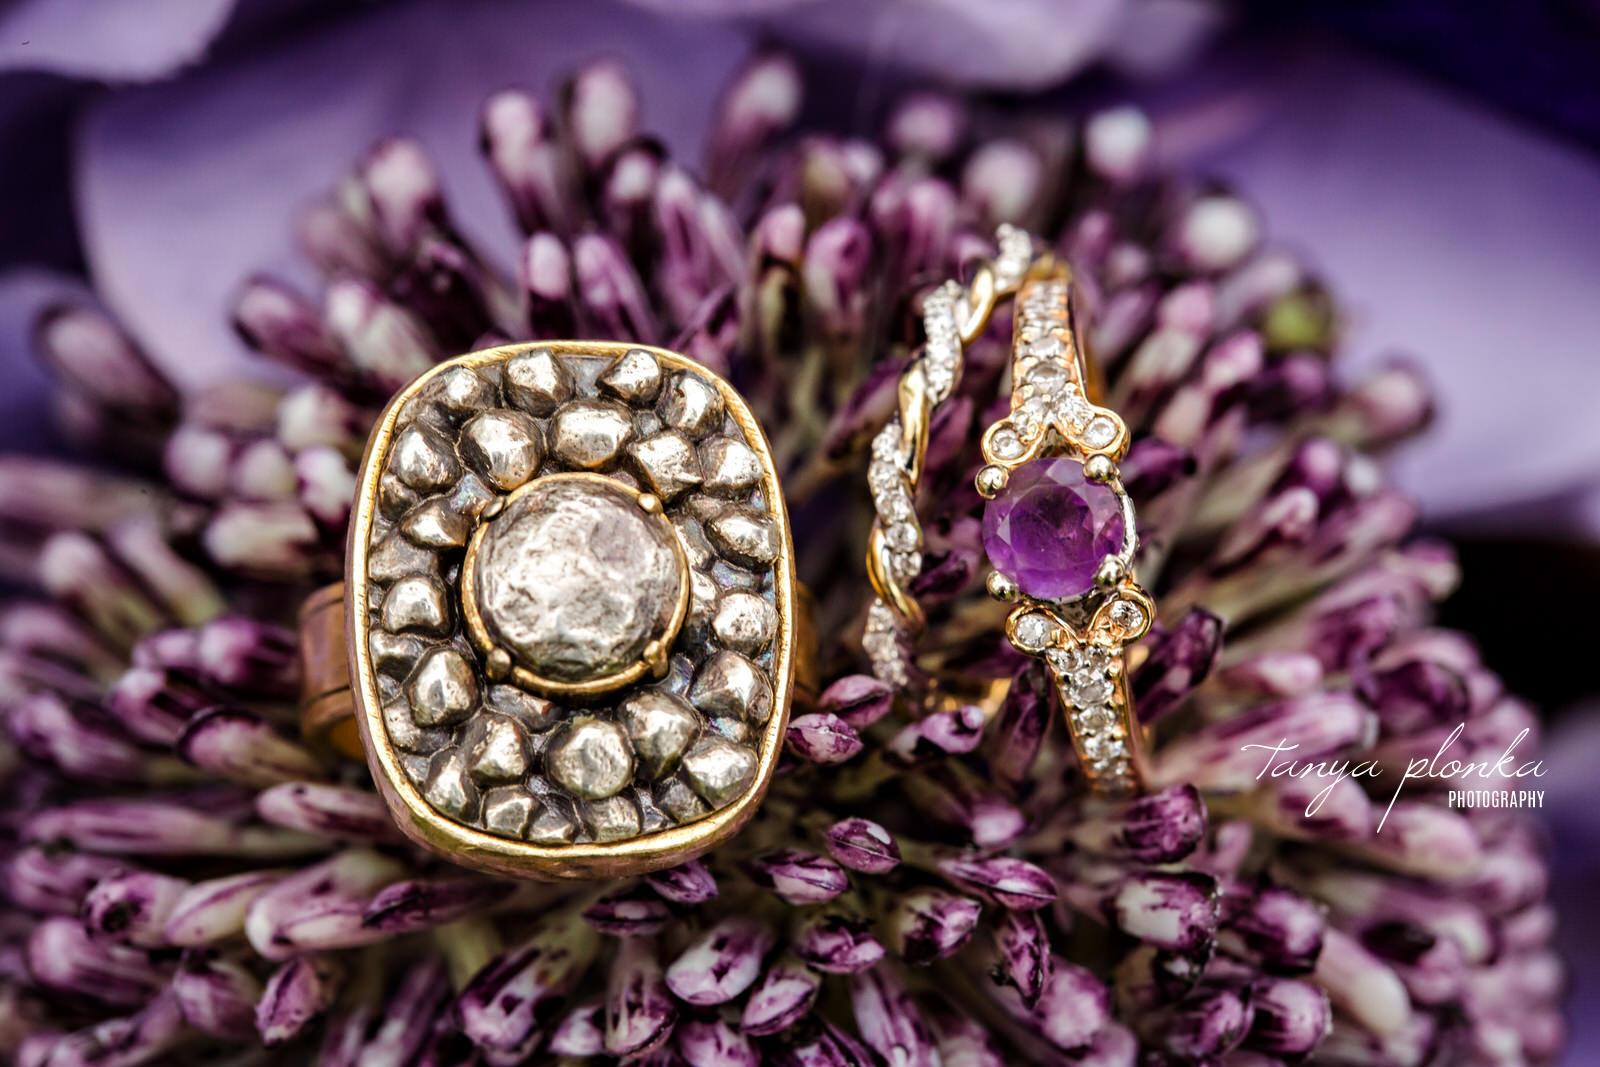 wedding rings sitting in purple bouquet flowers